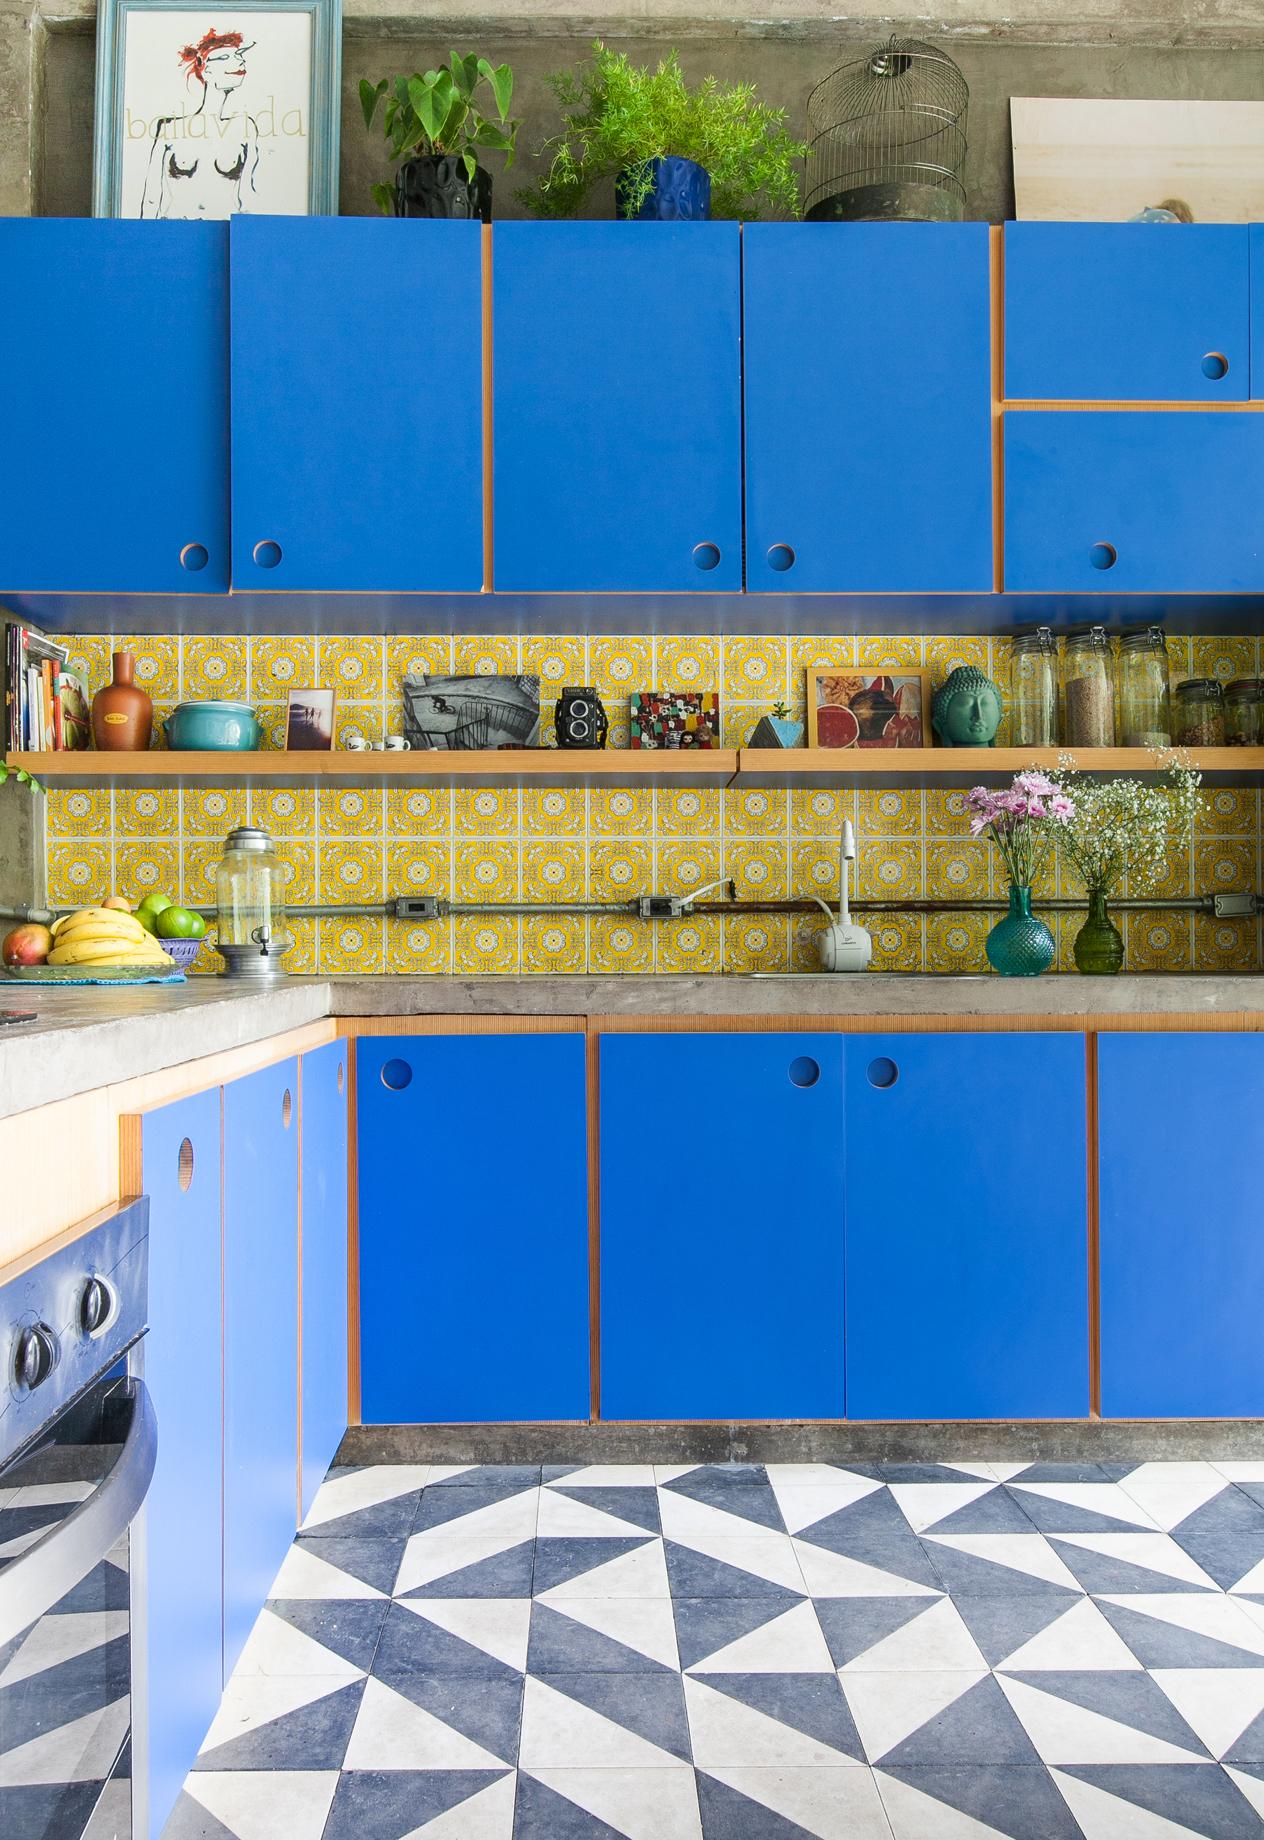 Mistura de estampas no revestimento de piso e de parede em uma composição em azul e amarelo